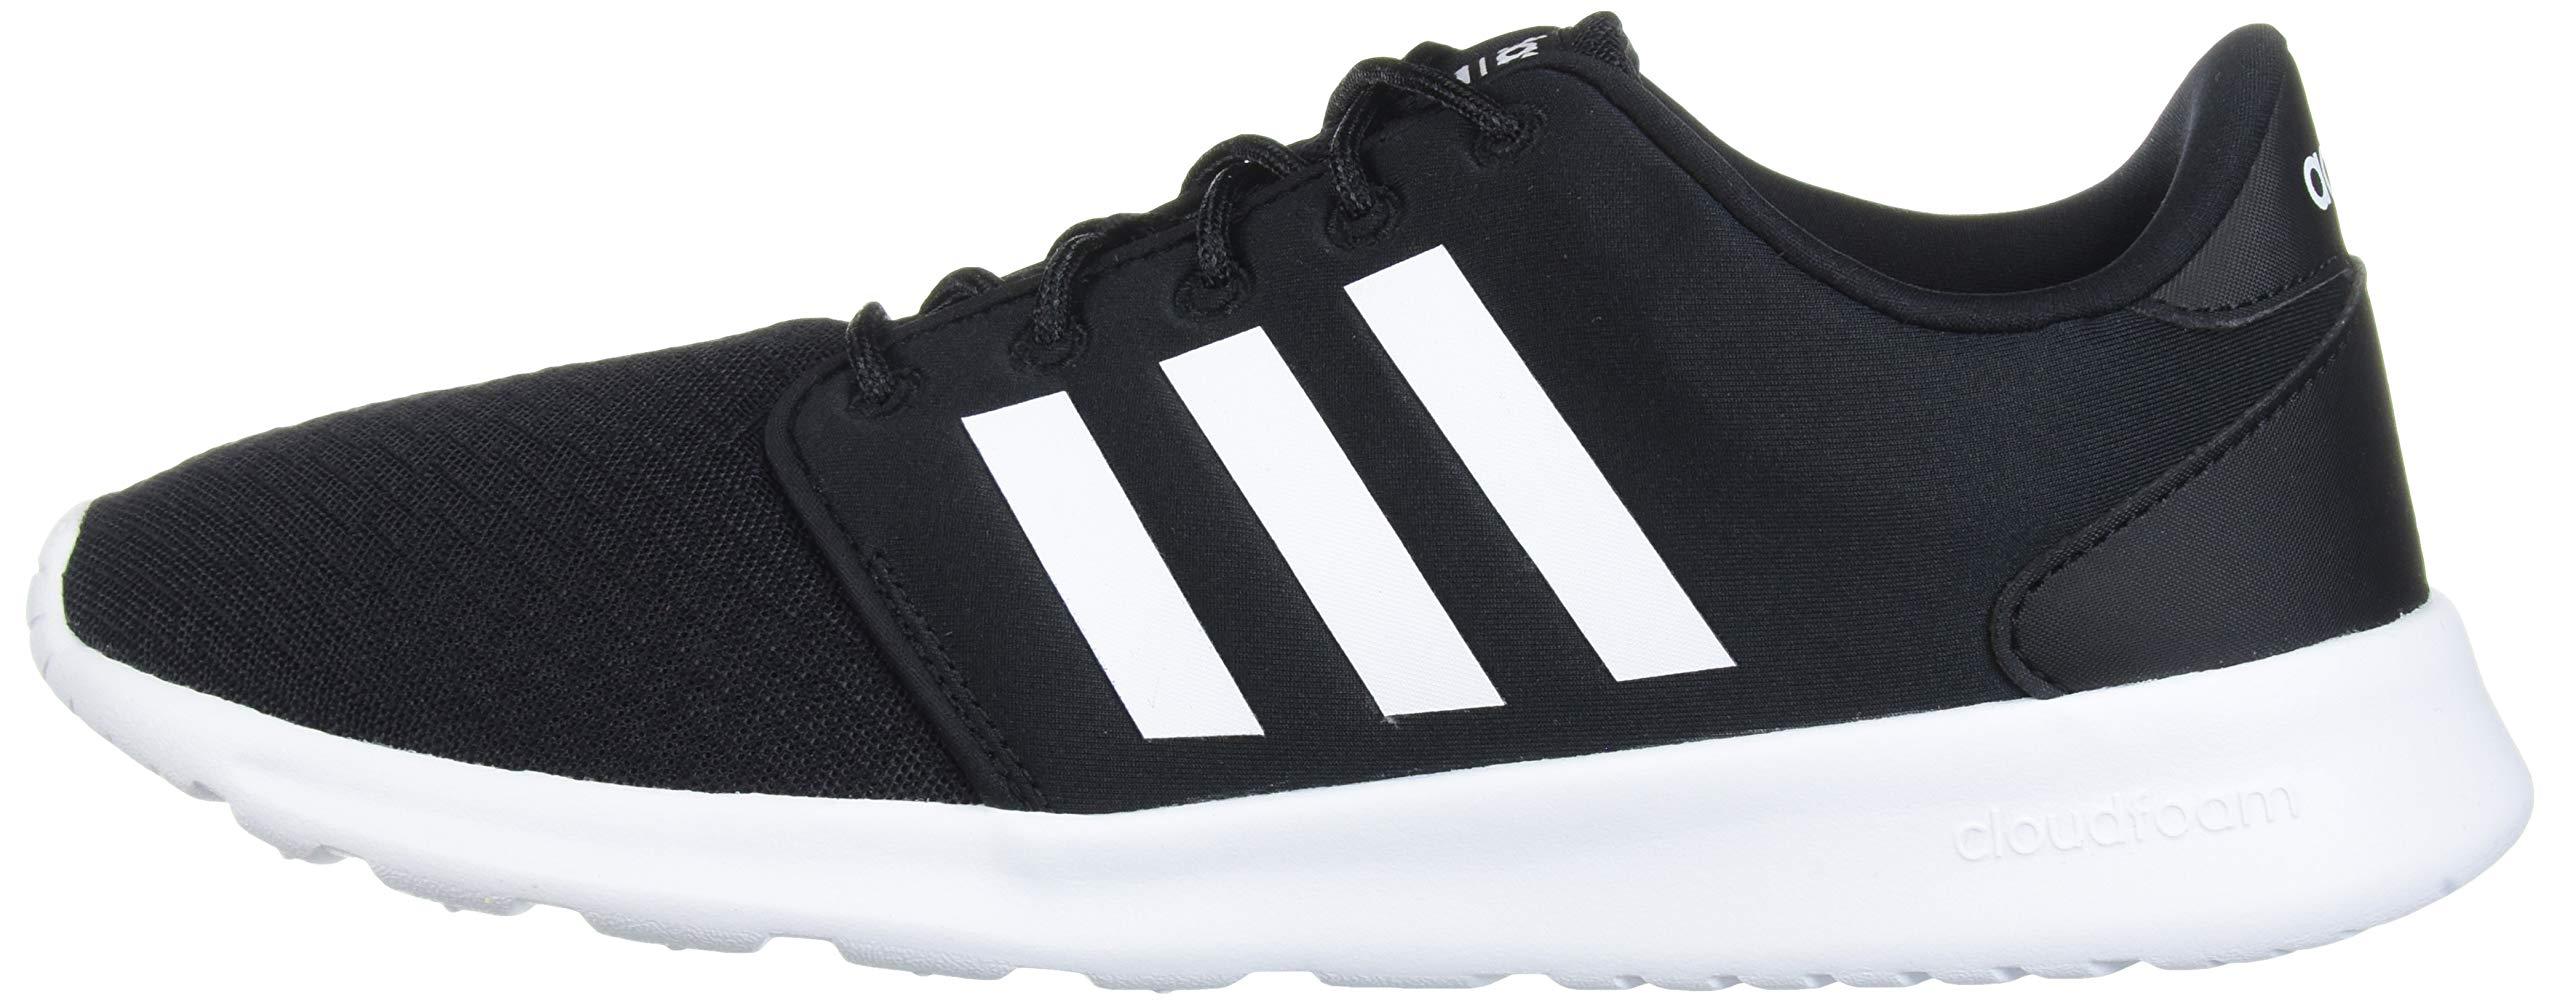 adidas Women's Cloudfoam Qt Racer Shoes